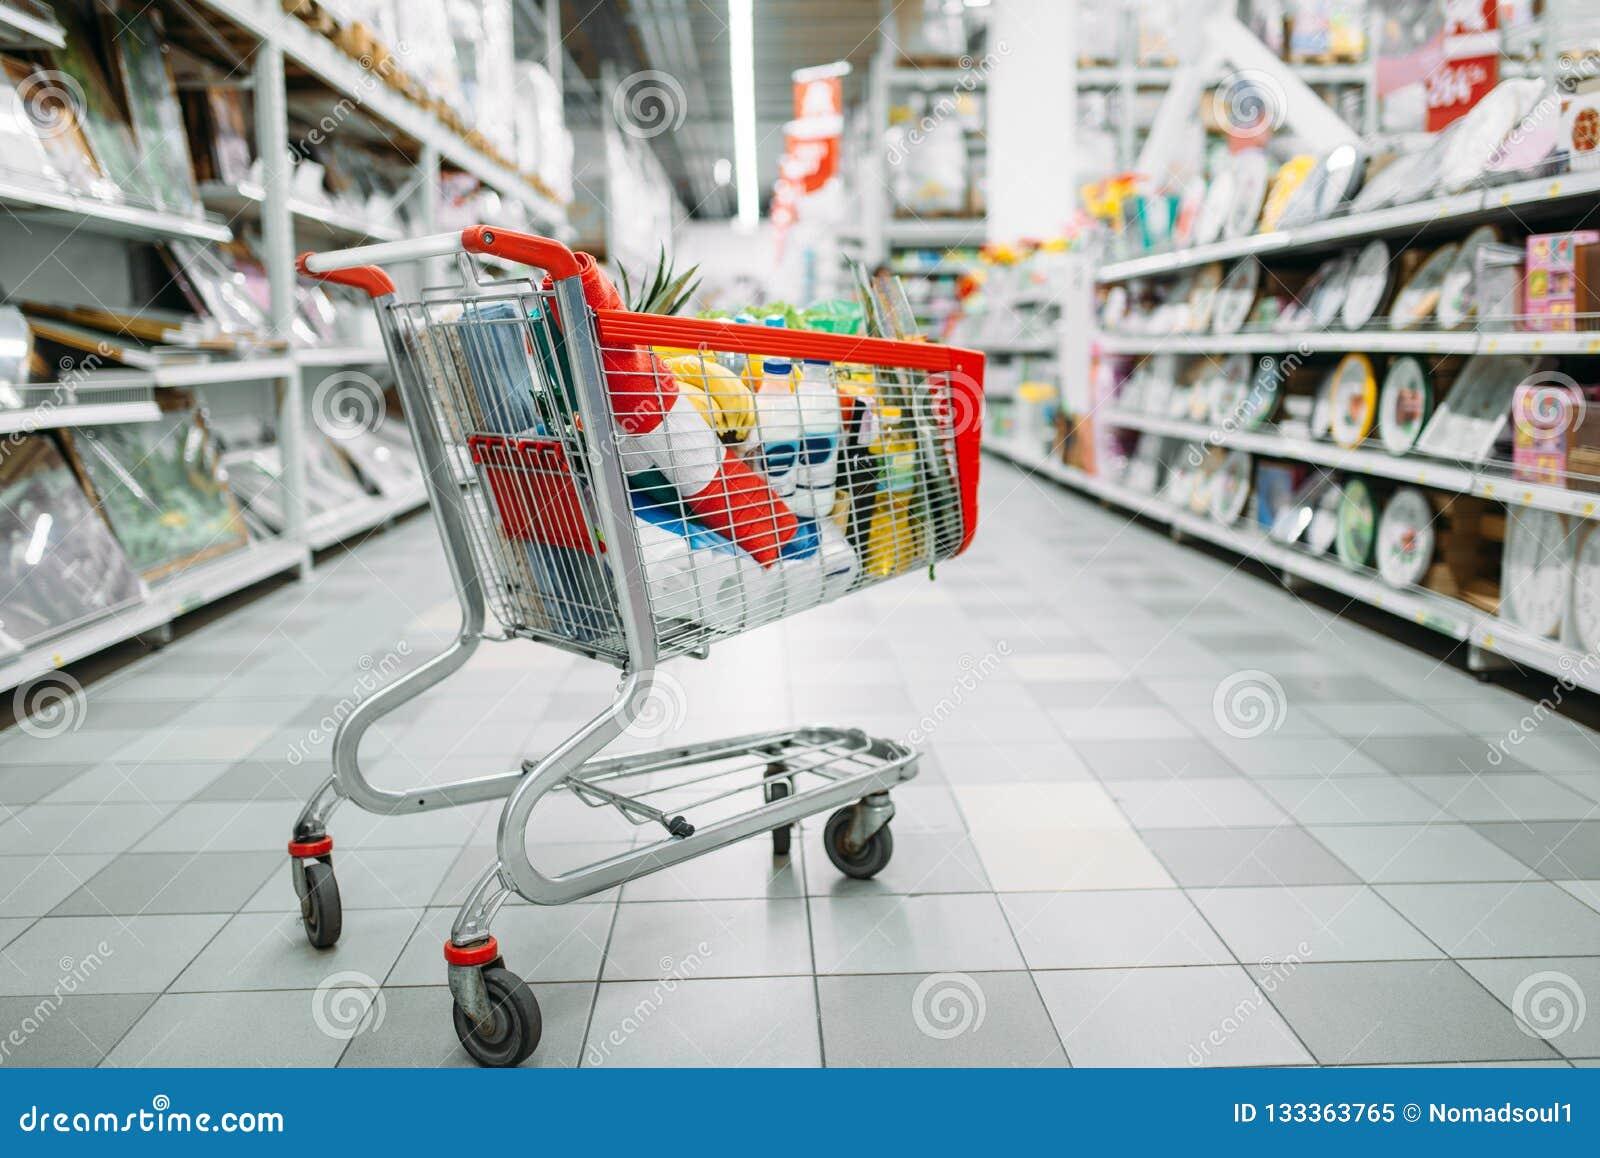 Тележка вполне товаров в супермаркете, никто